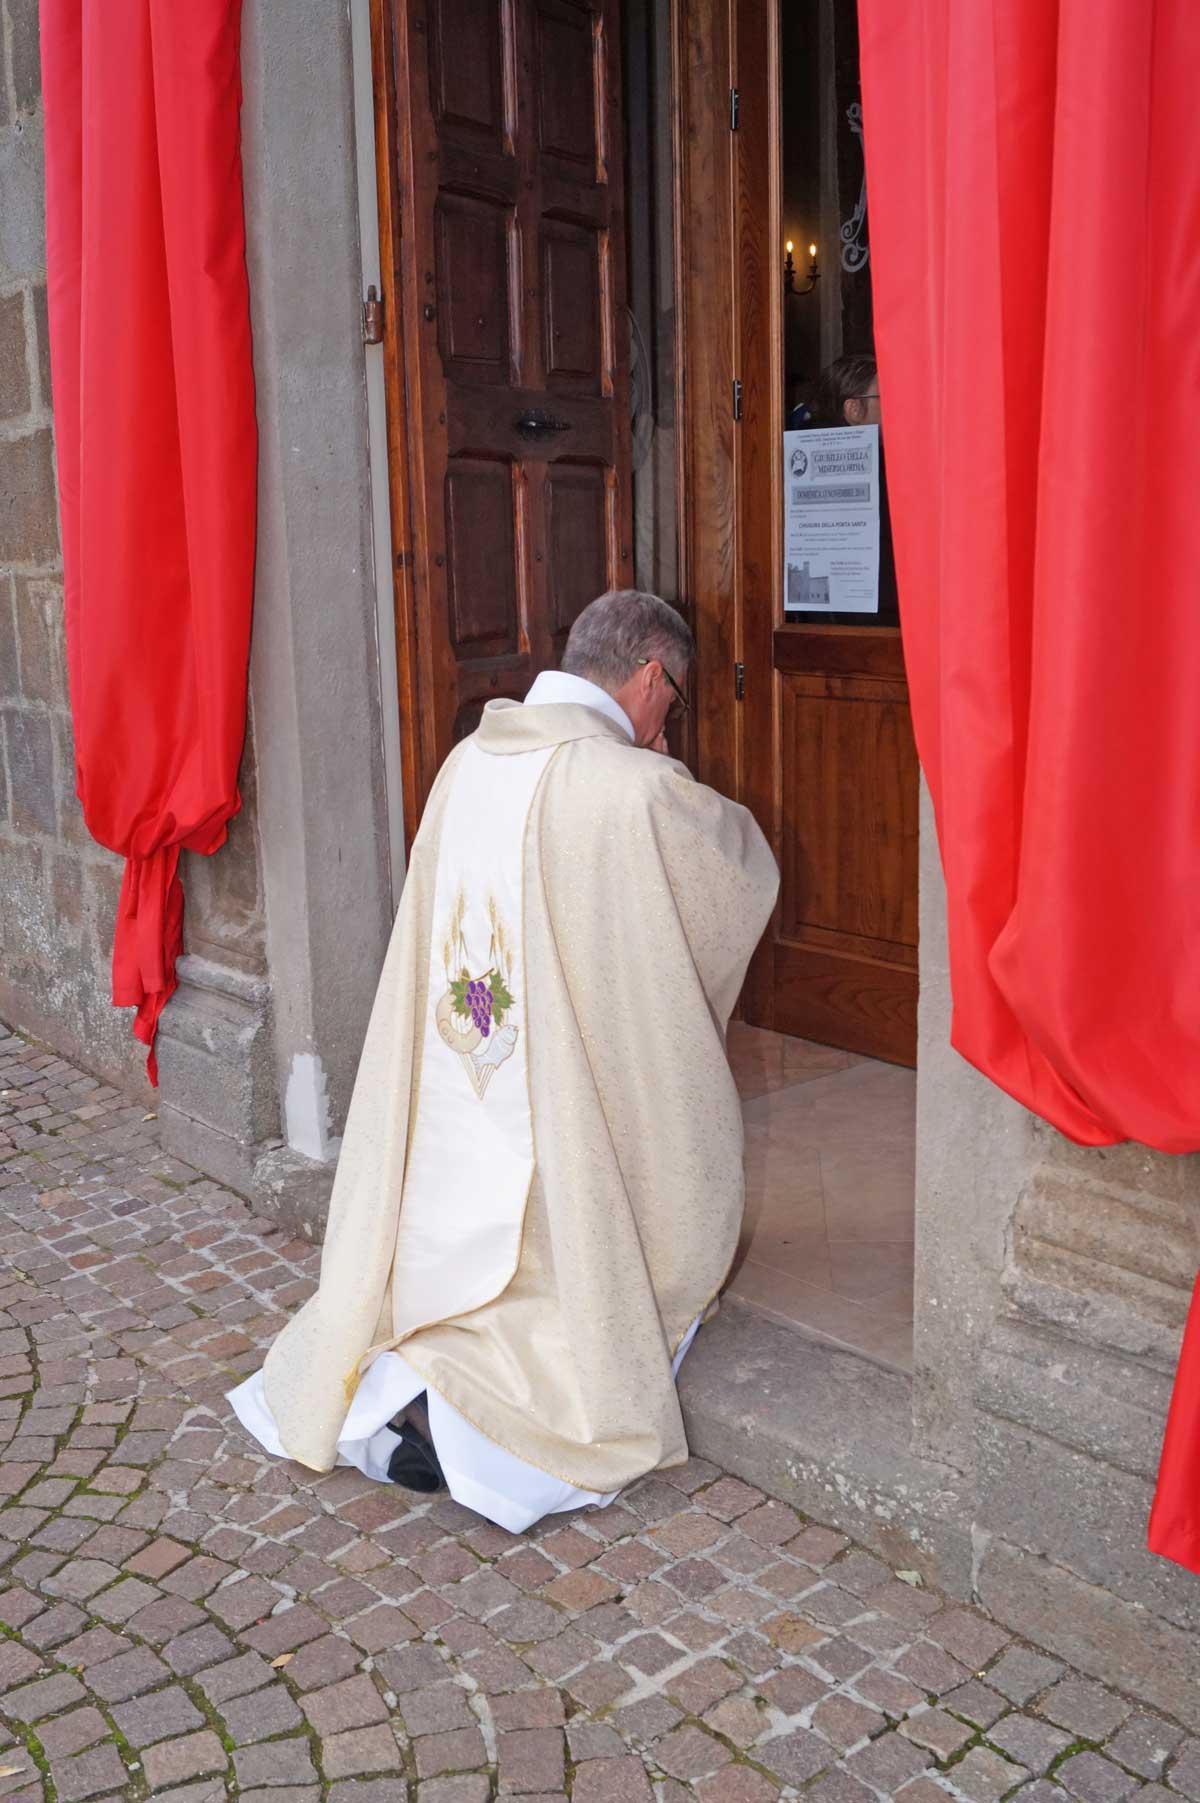 Don roberto chiude la porta santa - Chiudere la porta ...